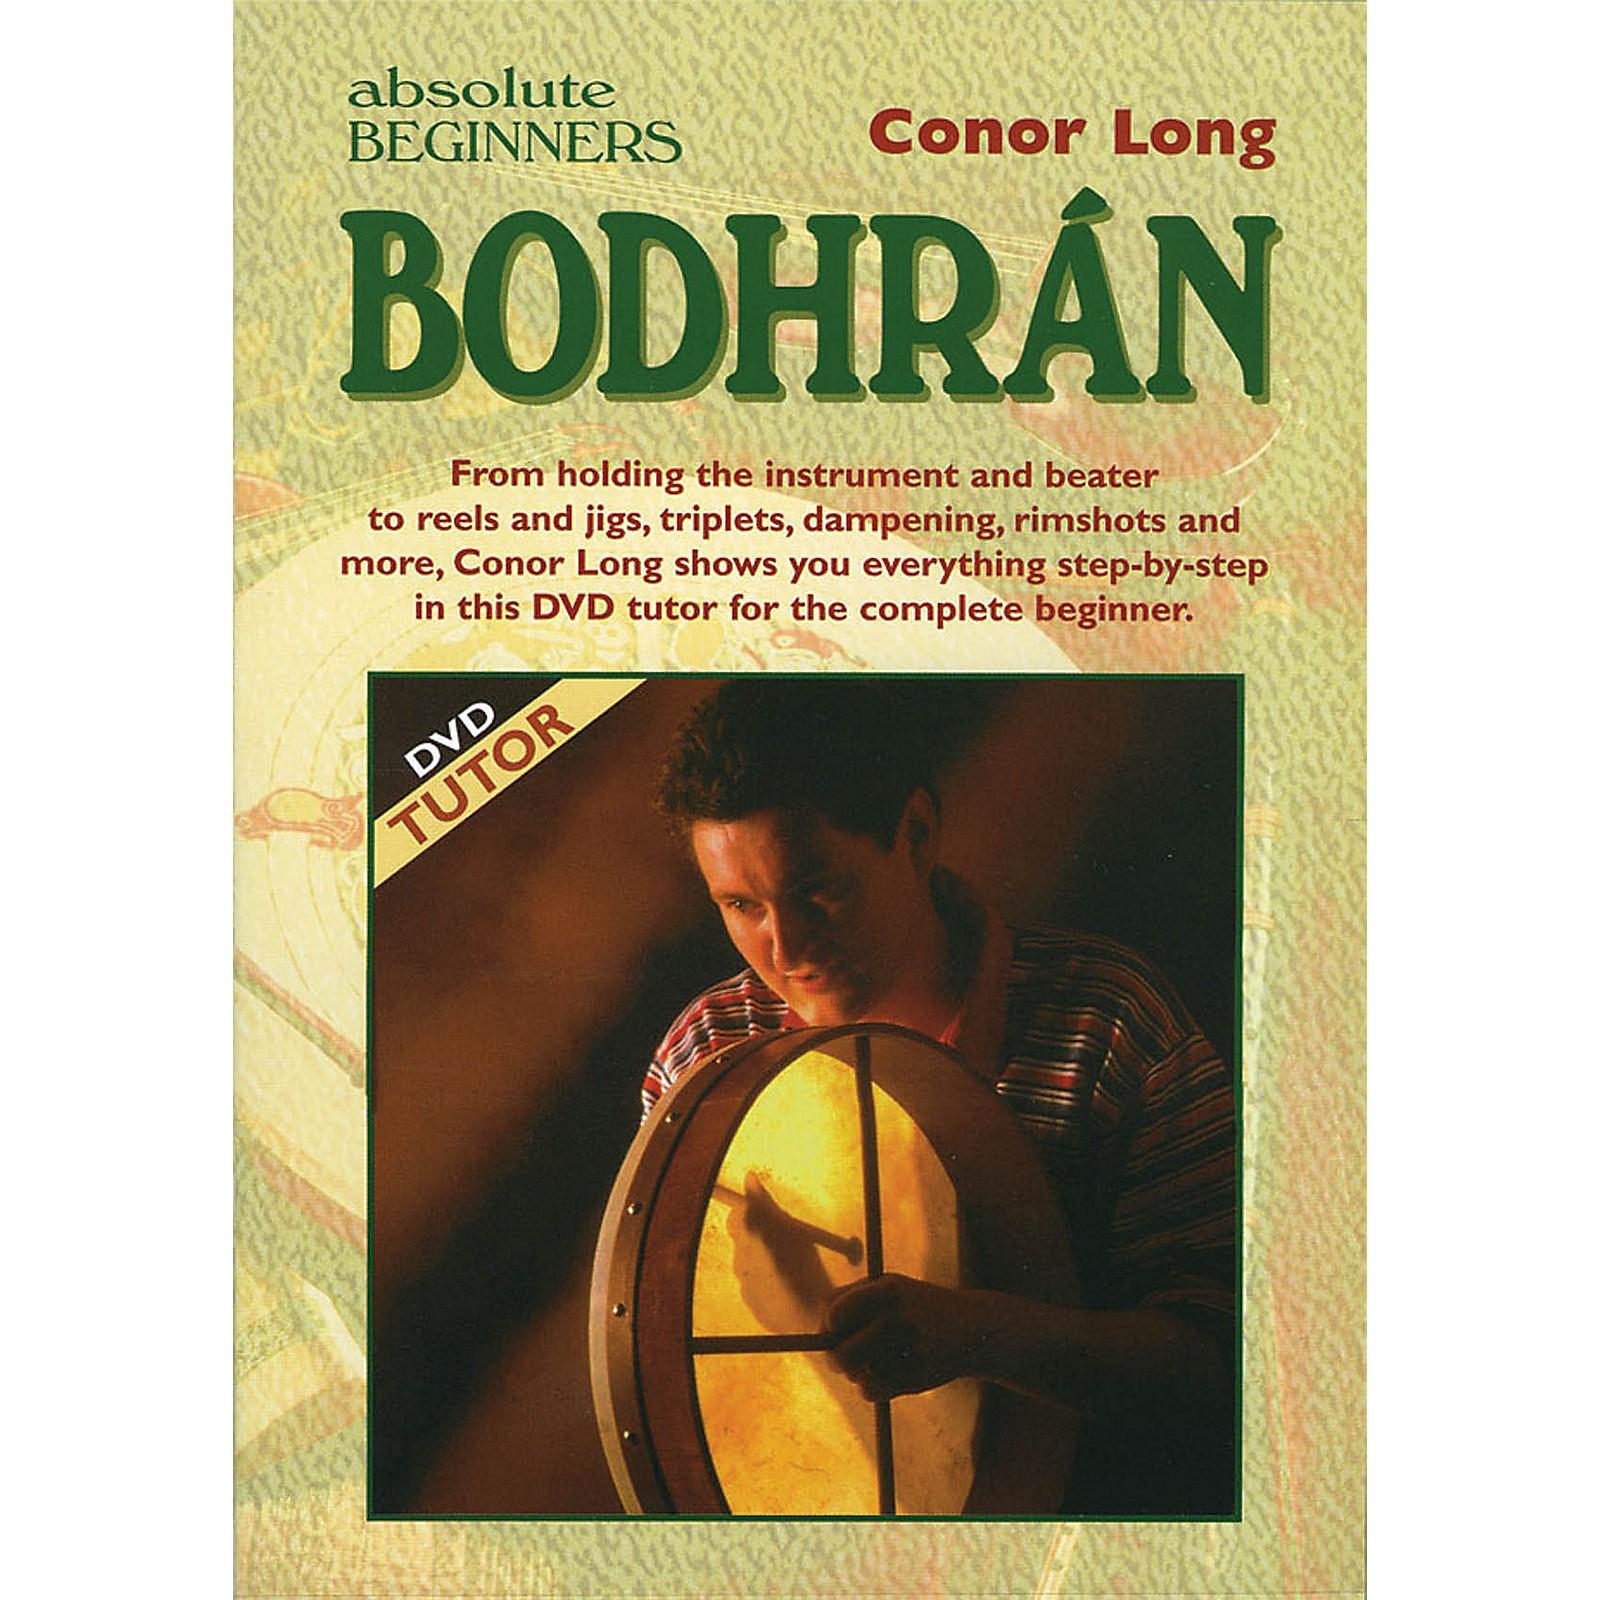 Waltons Absolute Beginners: Bodhrán Waltons Irish Music Dvd Series DVD Written by Conor Long